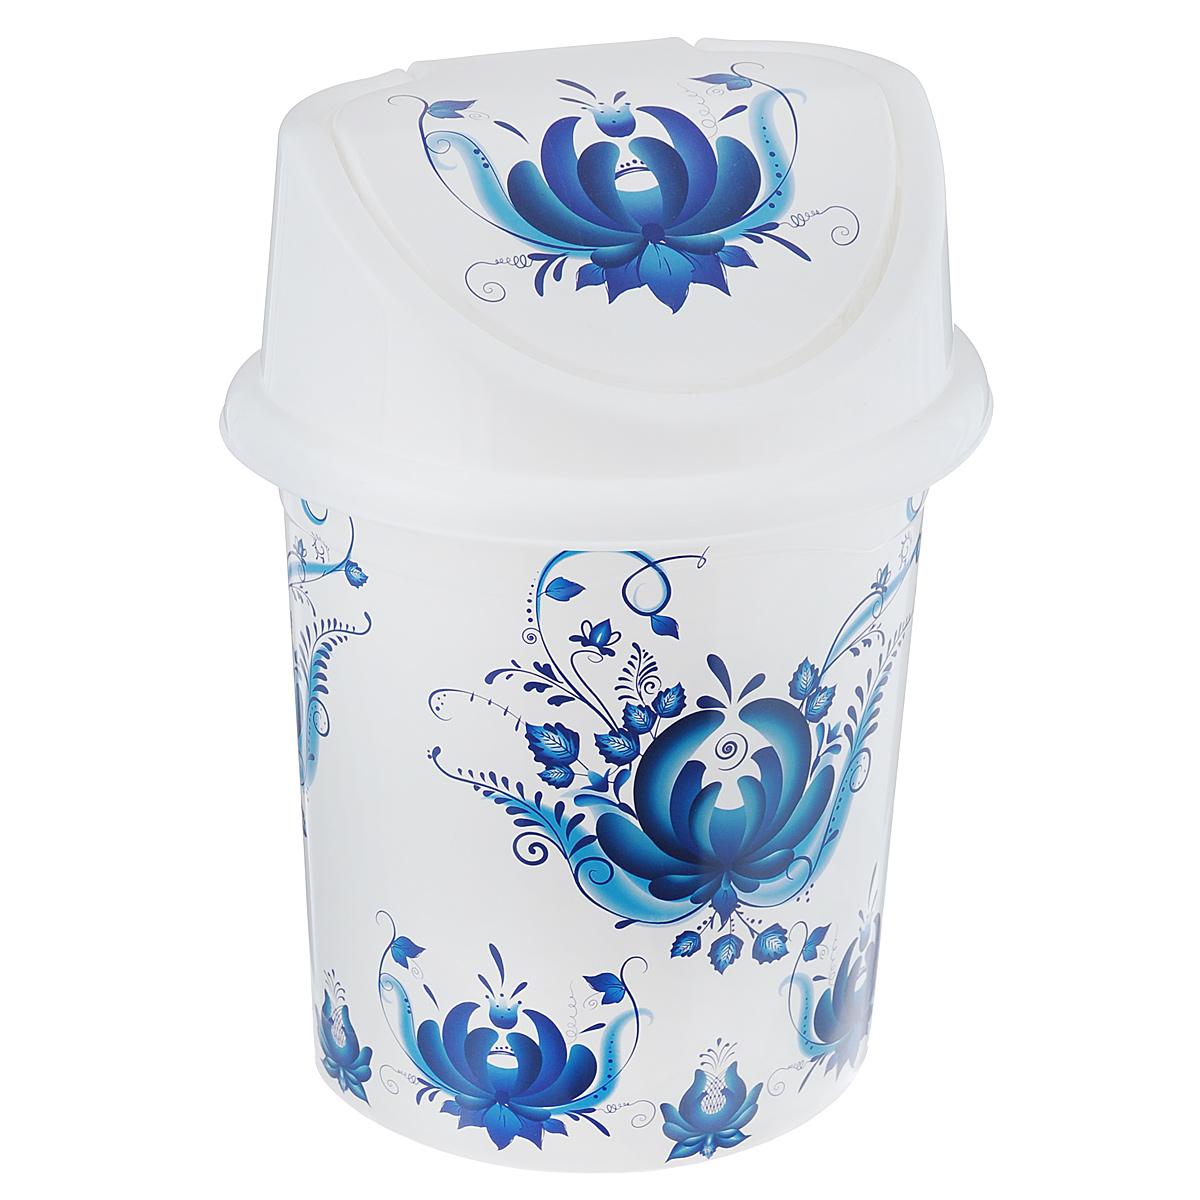 Контейнер для мусора Violet Гжель, цвет: белый, синий, 4 л810364Контейнер для мусора Violet Гжель изготовлен из прочного пластика. Контейнер снабжен удобной съемной крышкой с подвижной перегородкой. В нем удобно хранить мелкий мусор. Благодаря стильному дизайну такой контейнер идеально впишется в интерьер и дома, и офиса.Размер изделия: 16 см x 20 см x 27 см.